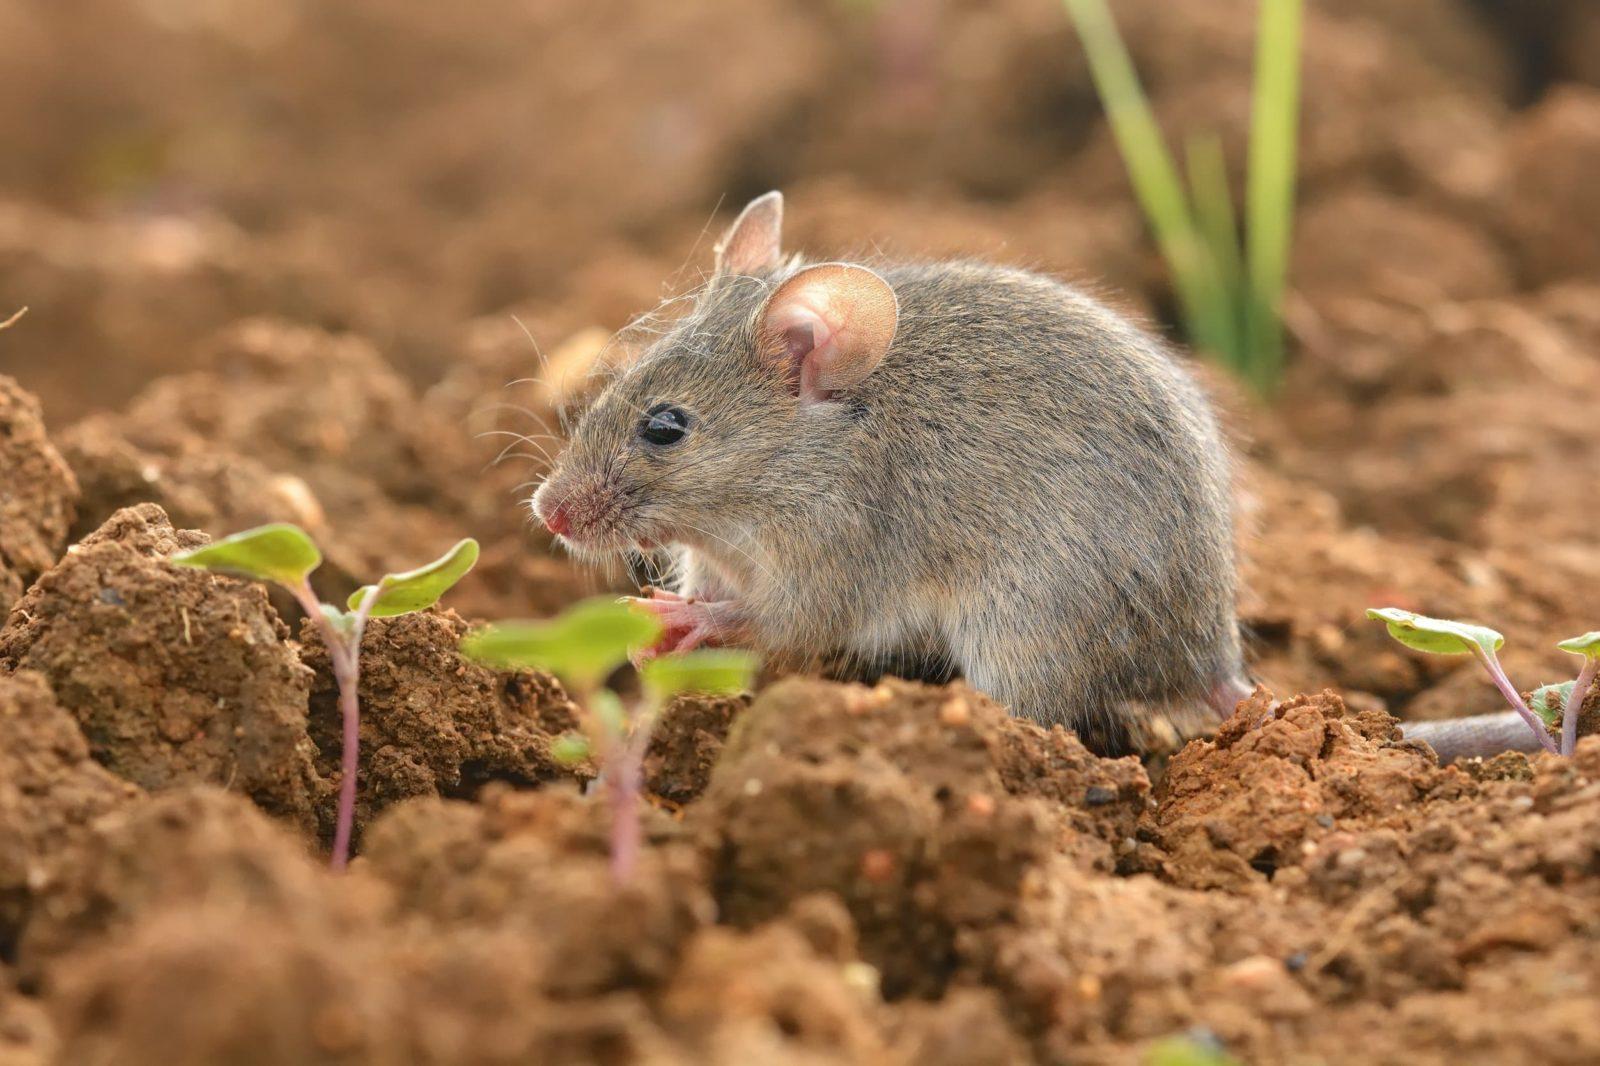 mouse in a garden